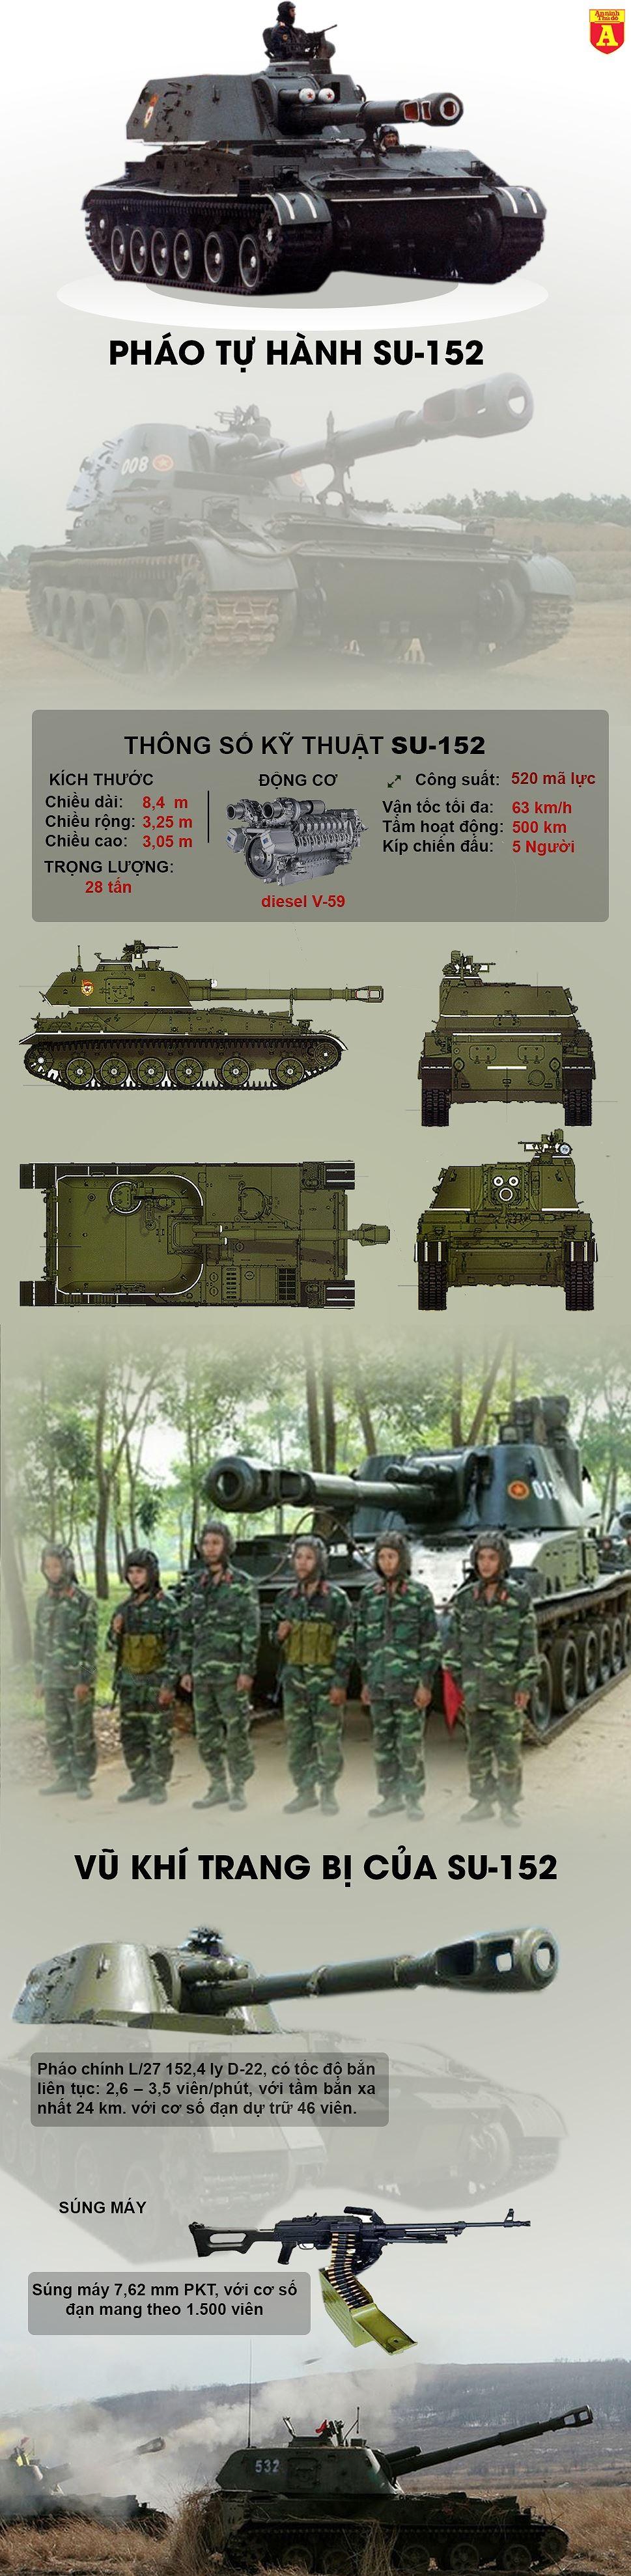 [Infographic] Pháo tự hành SU-152 có thể bắn đạn thông minh của quân đội Việt Nam ảnh 3